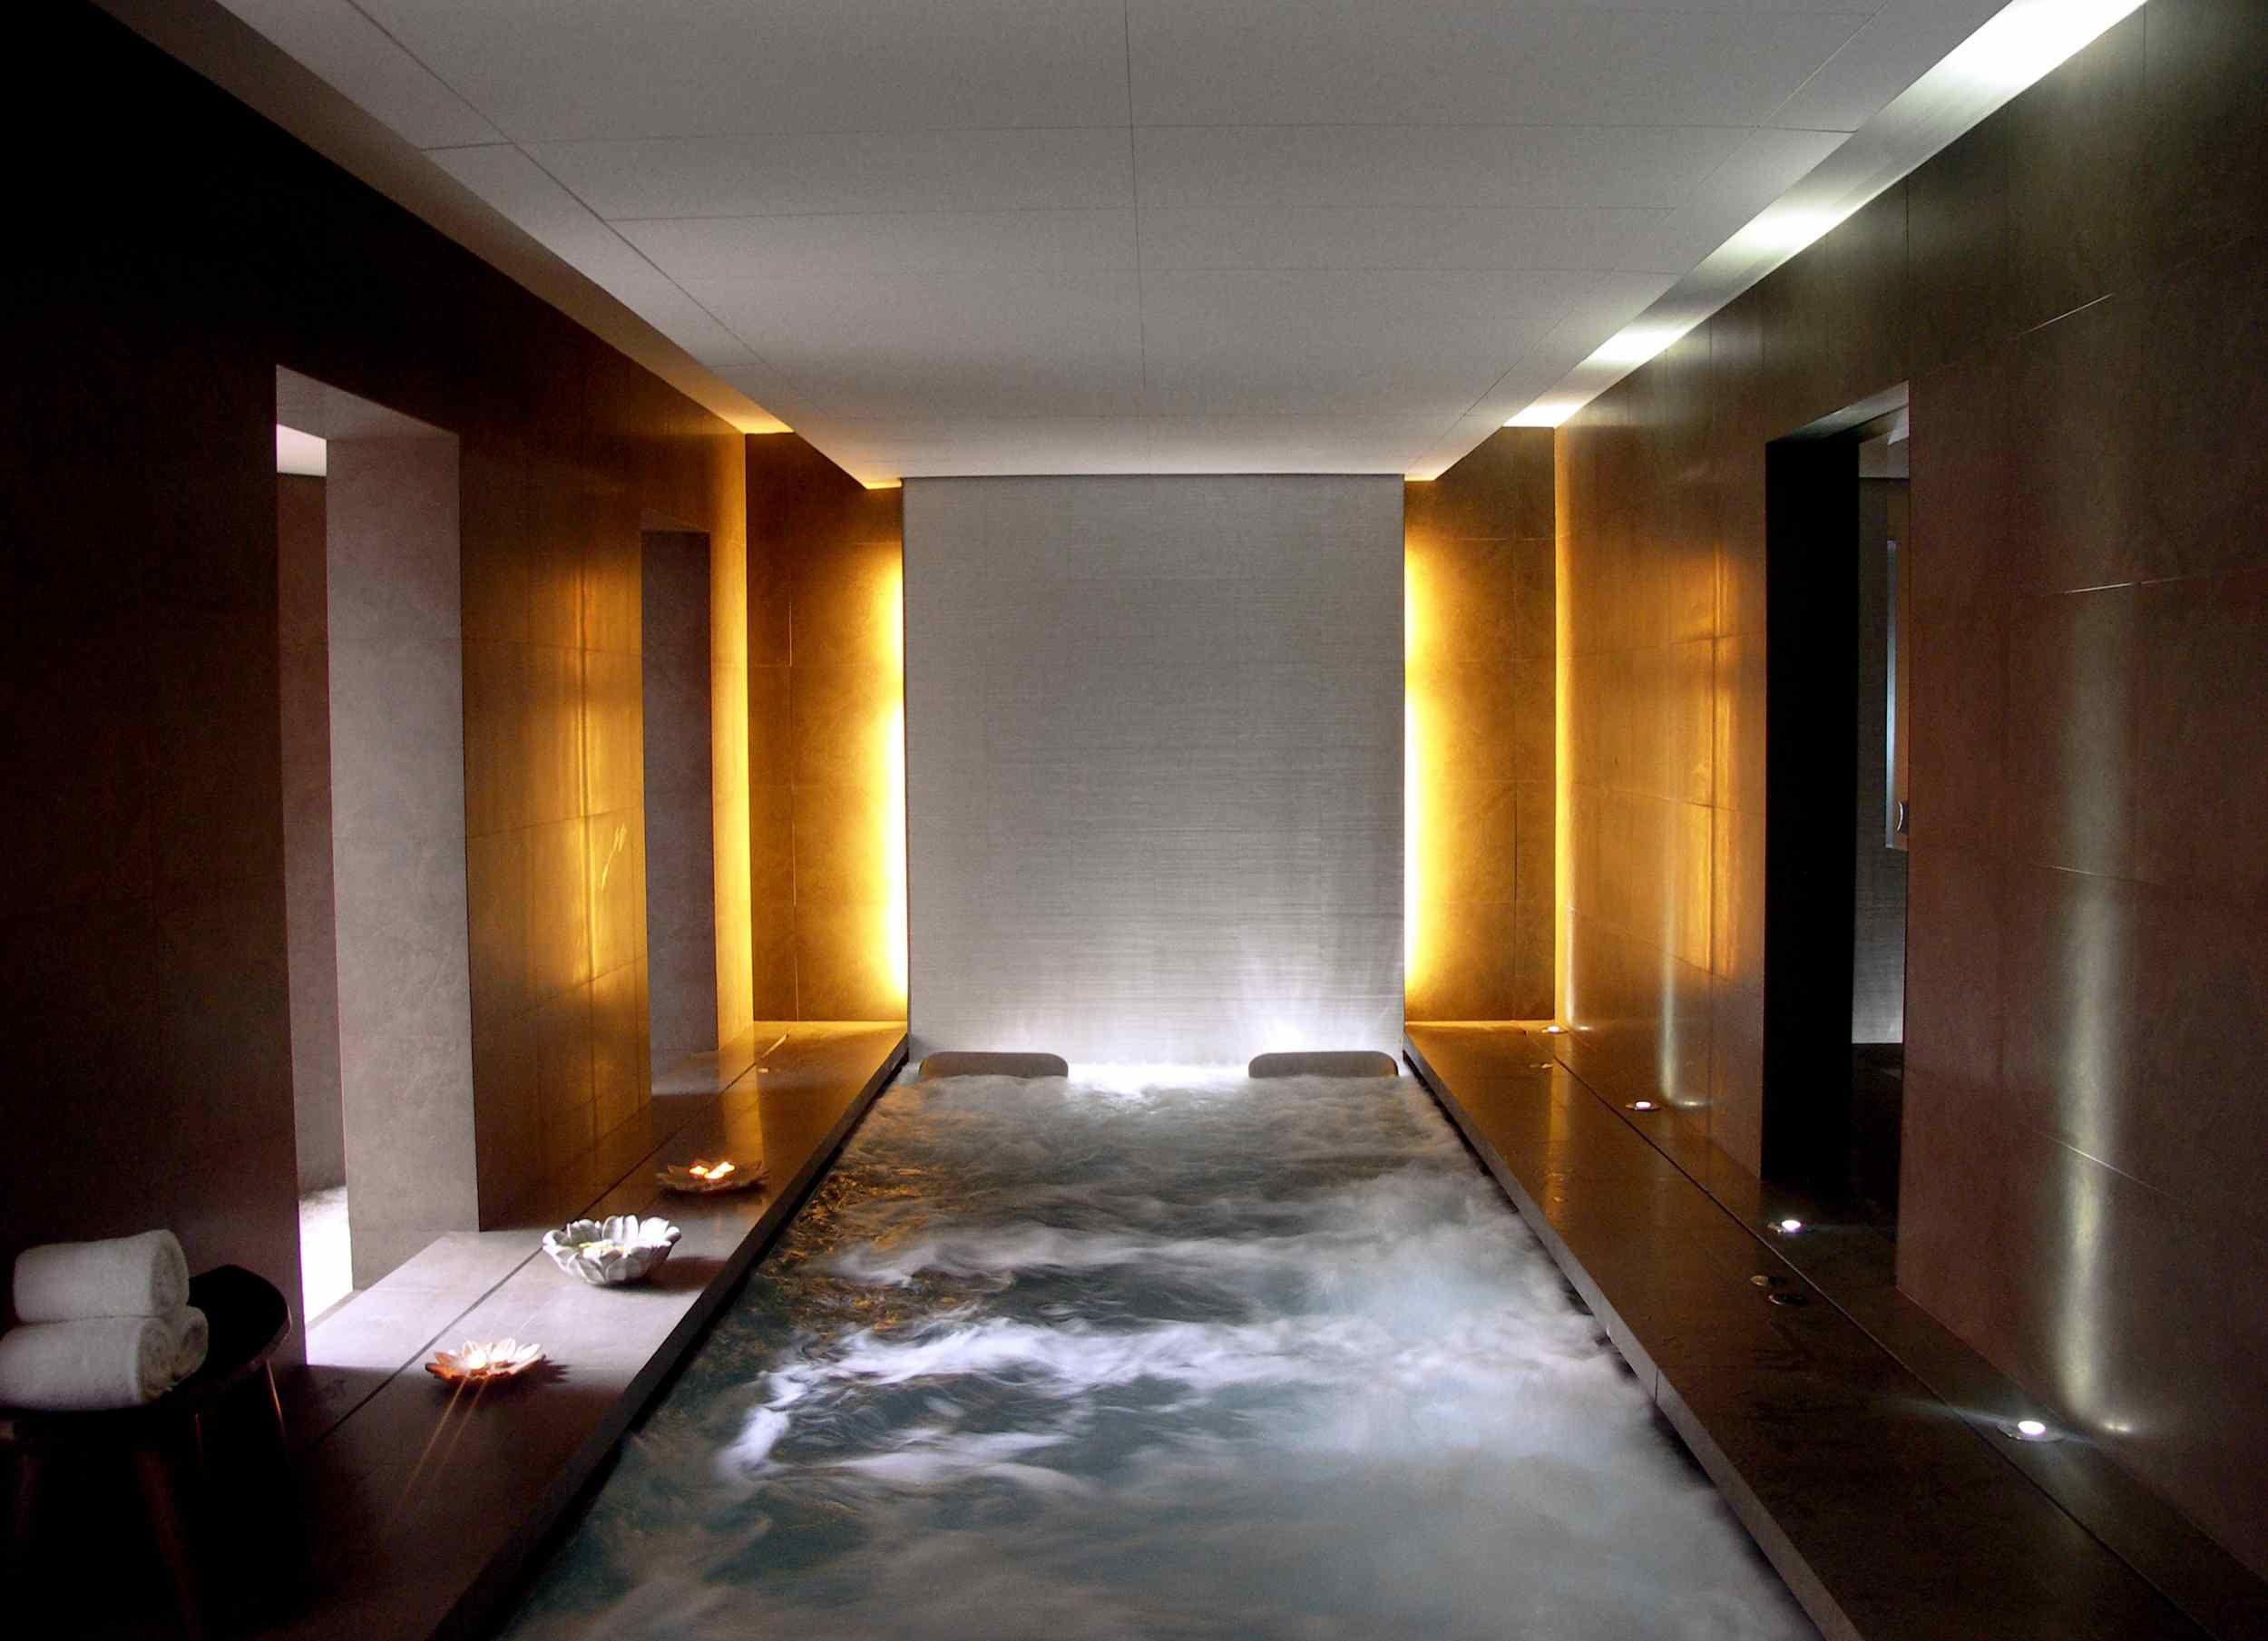 Hotel omm spa barcelona sandra tarruella interioristas - Interioristes barcelona ...